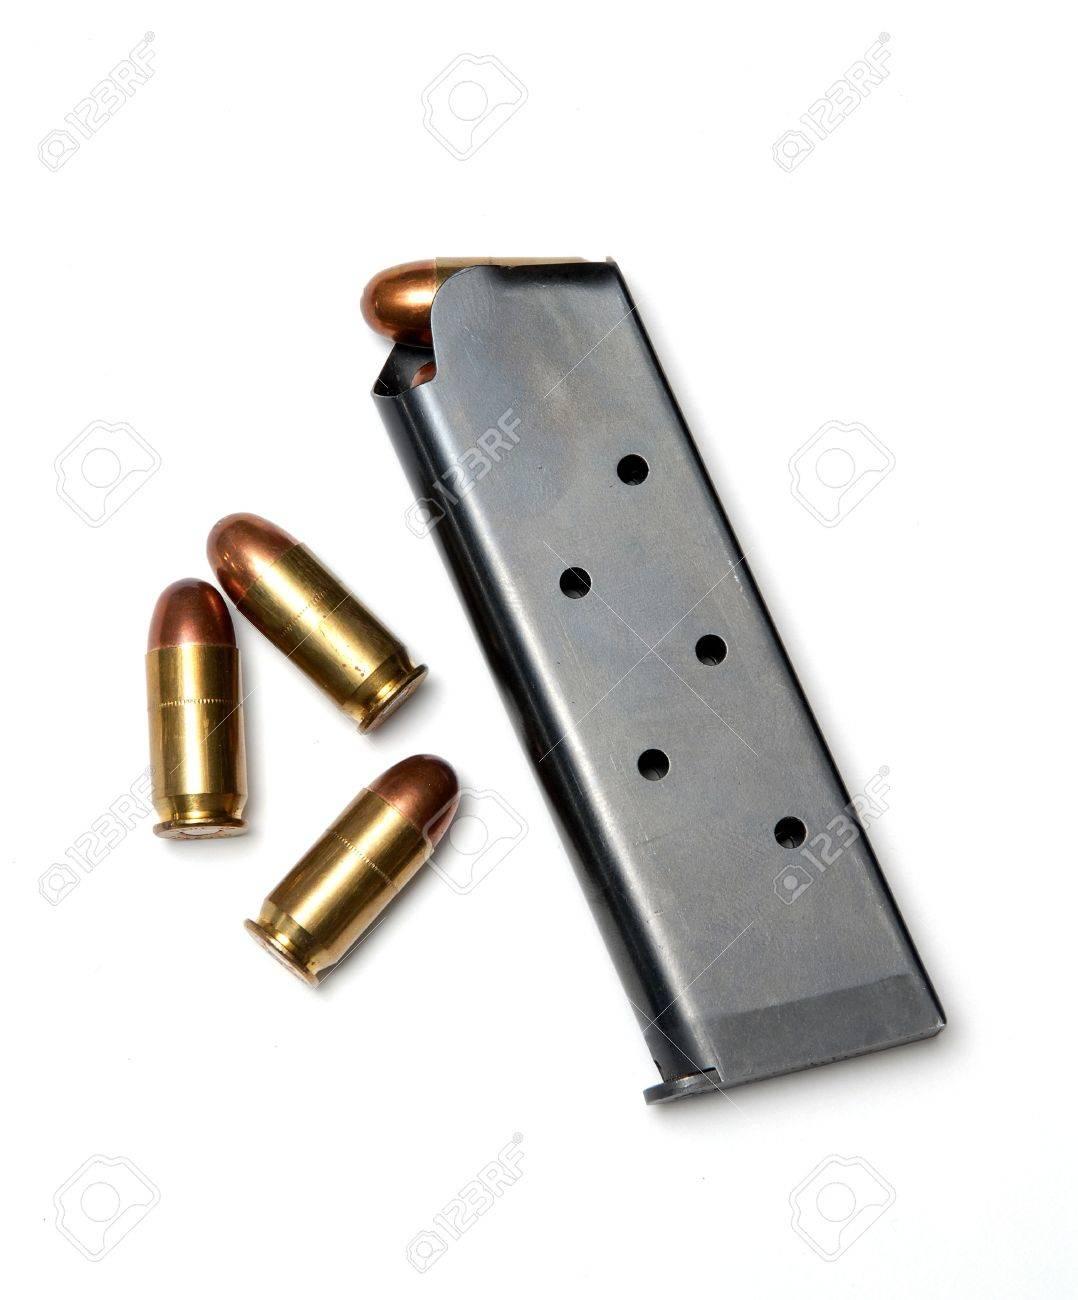 ロード 弾丸